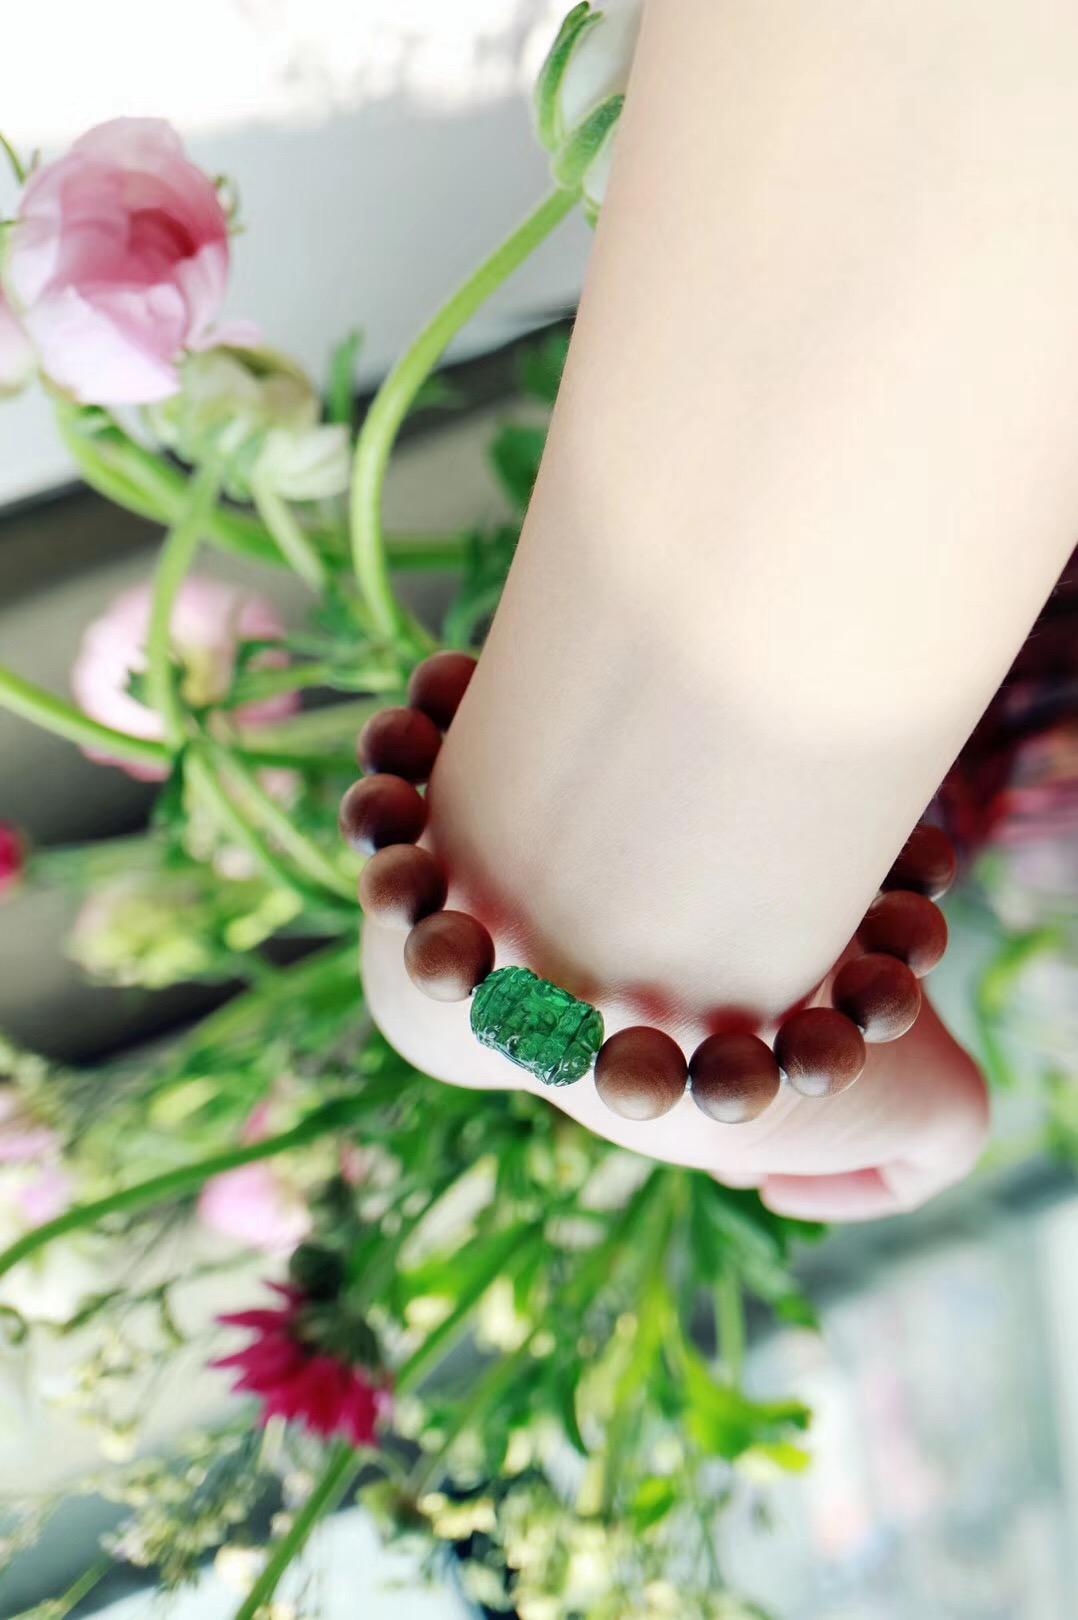 【老山檀 | 绿碧玺】 产自印度,檀香中的上乘之品-菩心晶舍